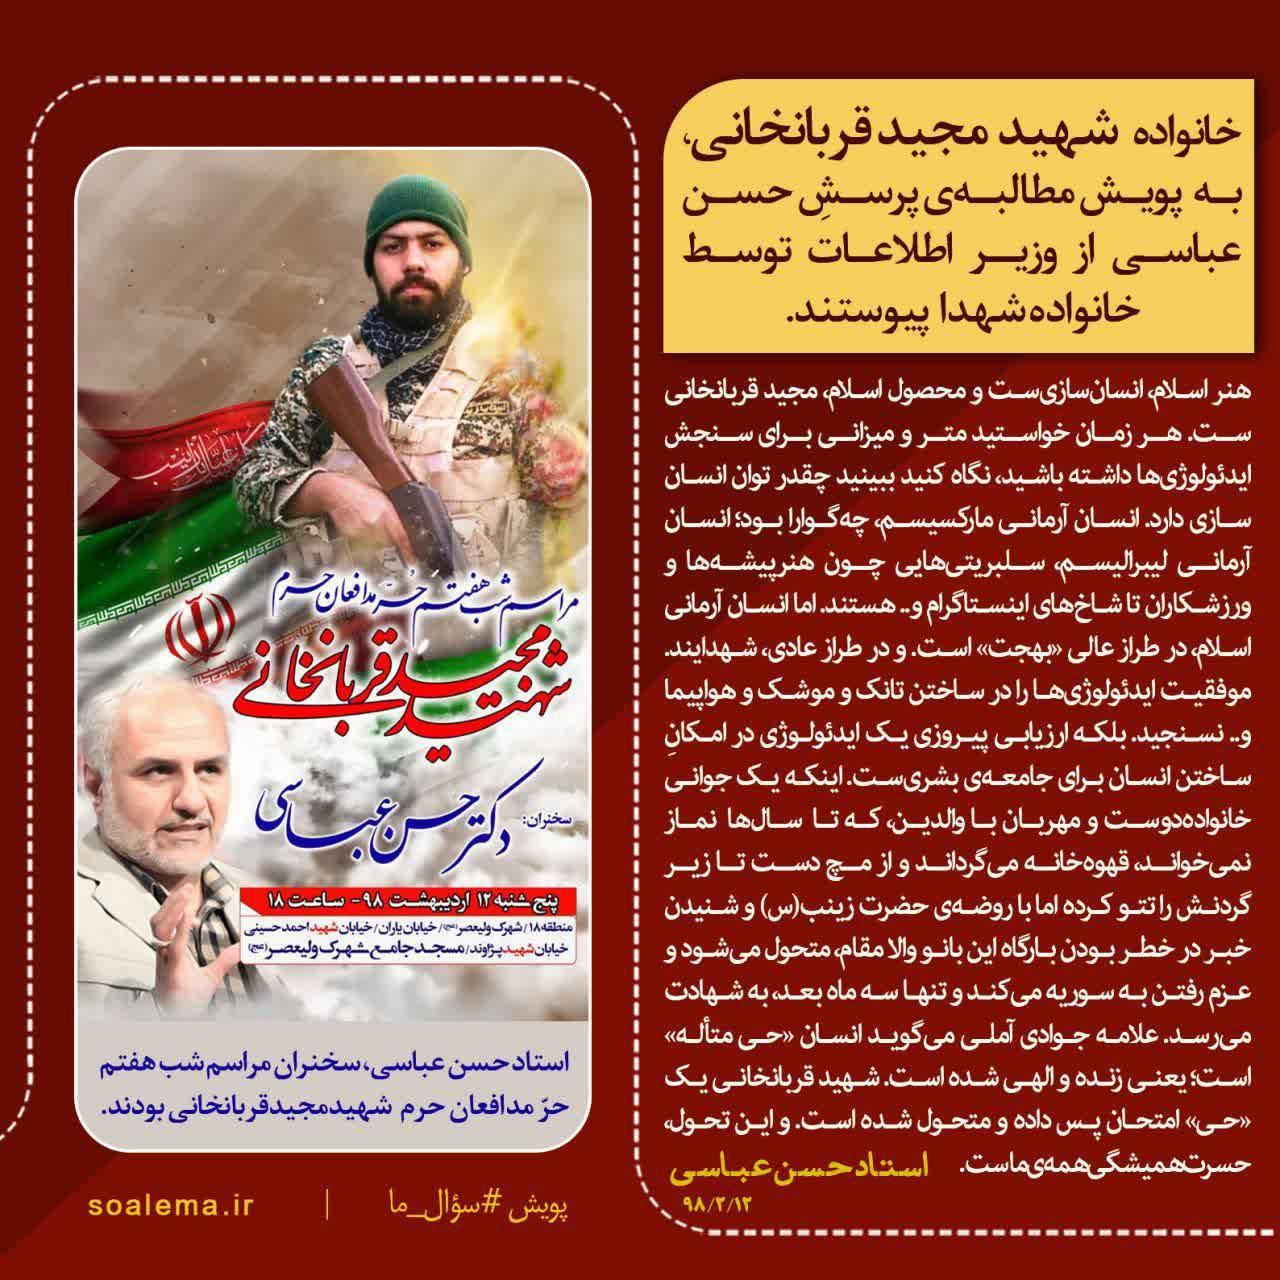 http://dl-abbasi.ir/yekta/1398/Graphic/Shohada/Shakhes4.jpg